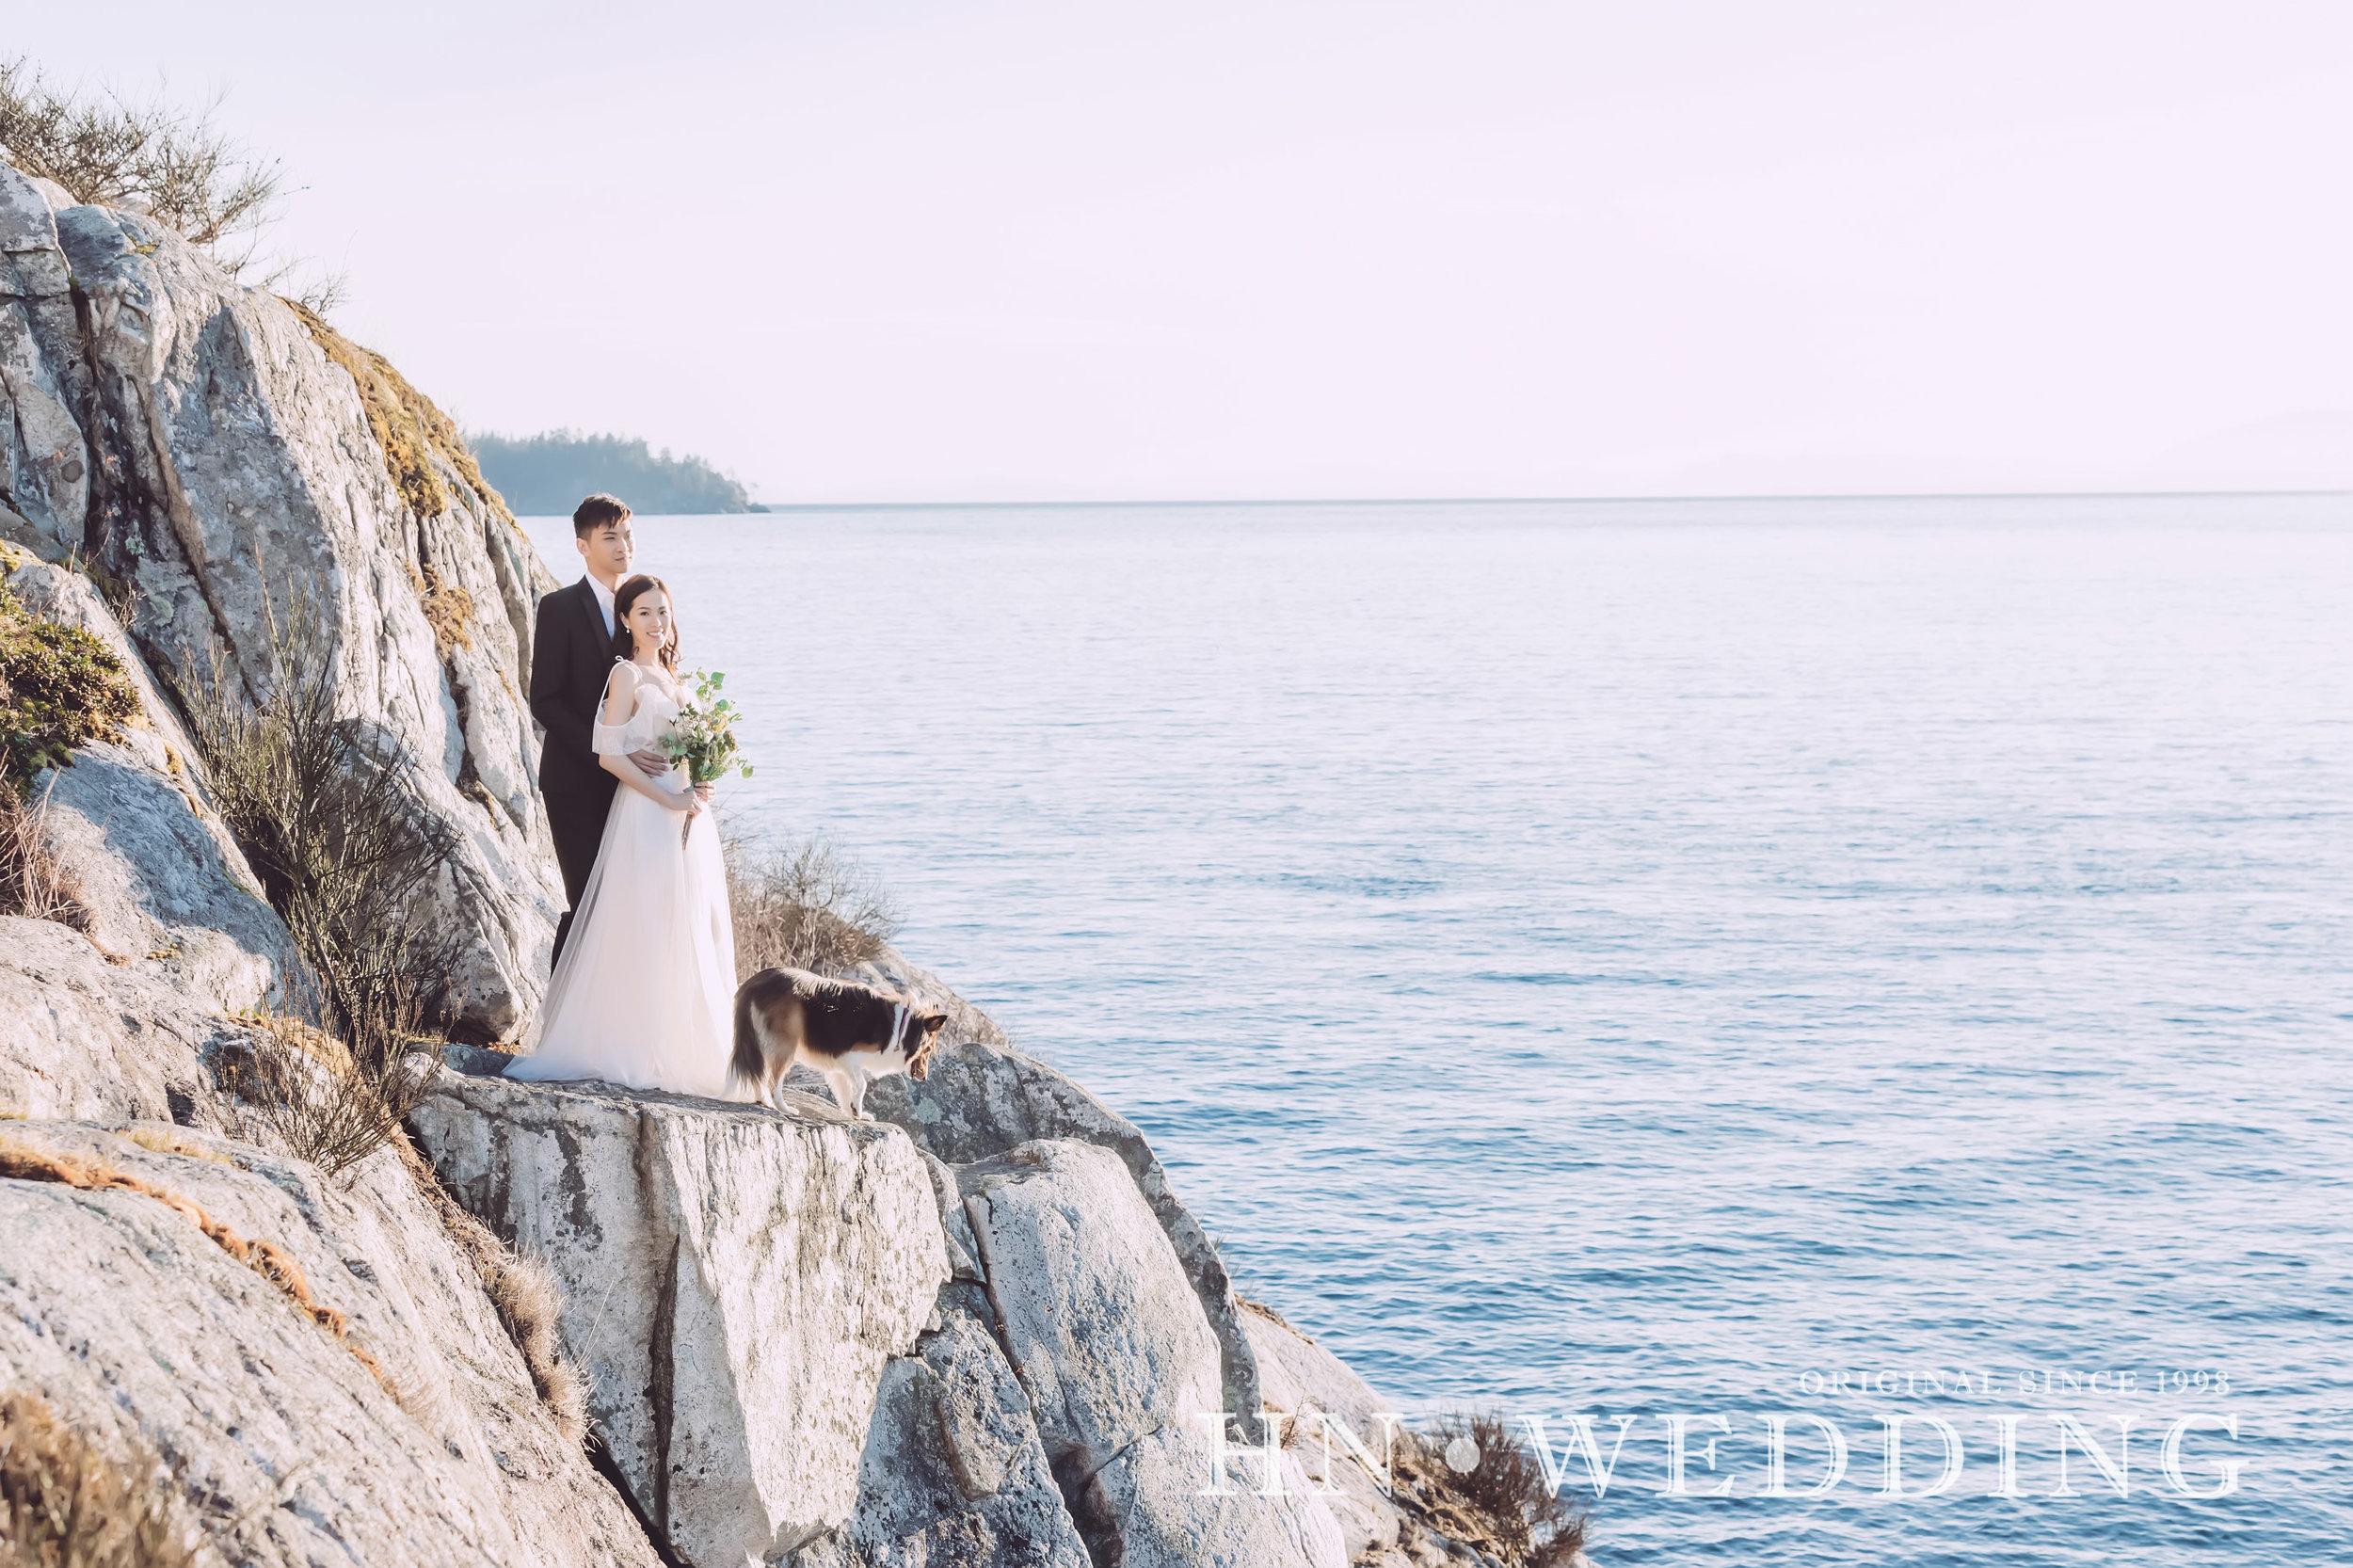 hnweddingprewedding20190220-49.jpg